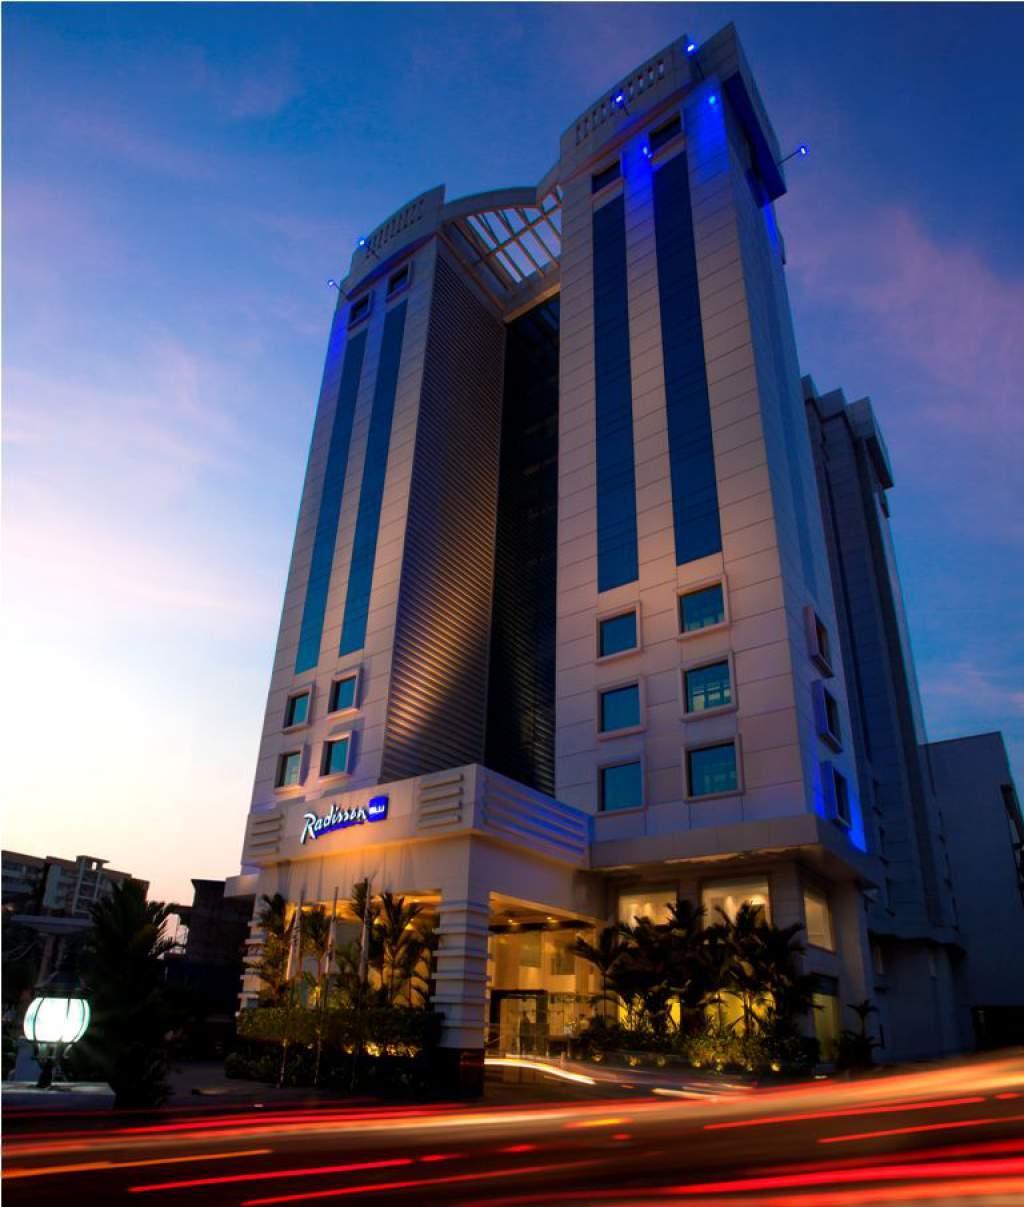 Ernakulam India  city photos gallery : Radisson Blu Kochi Ernakulam, India : hotel opiniones y fotos de 2016 ...